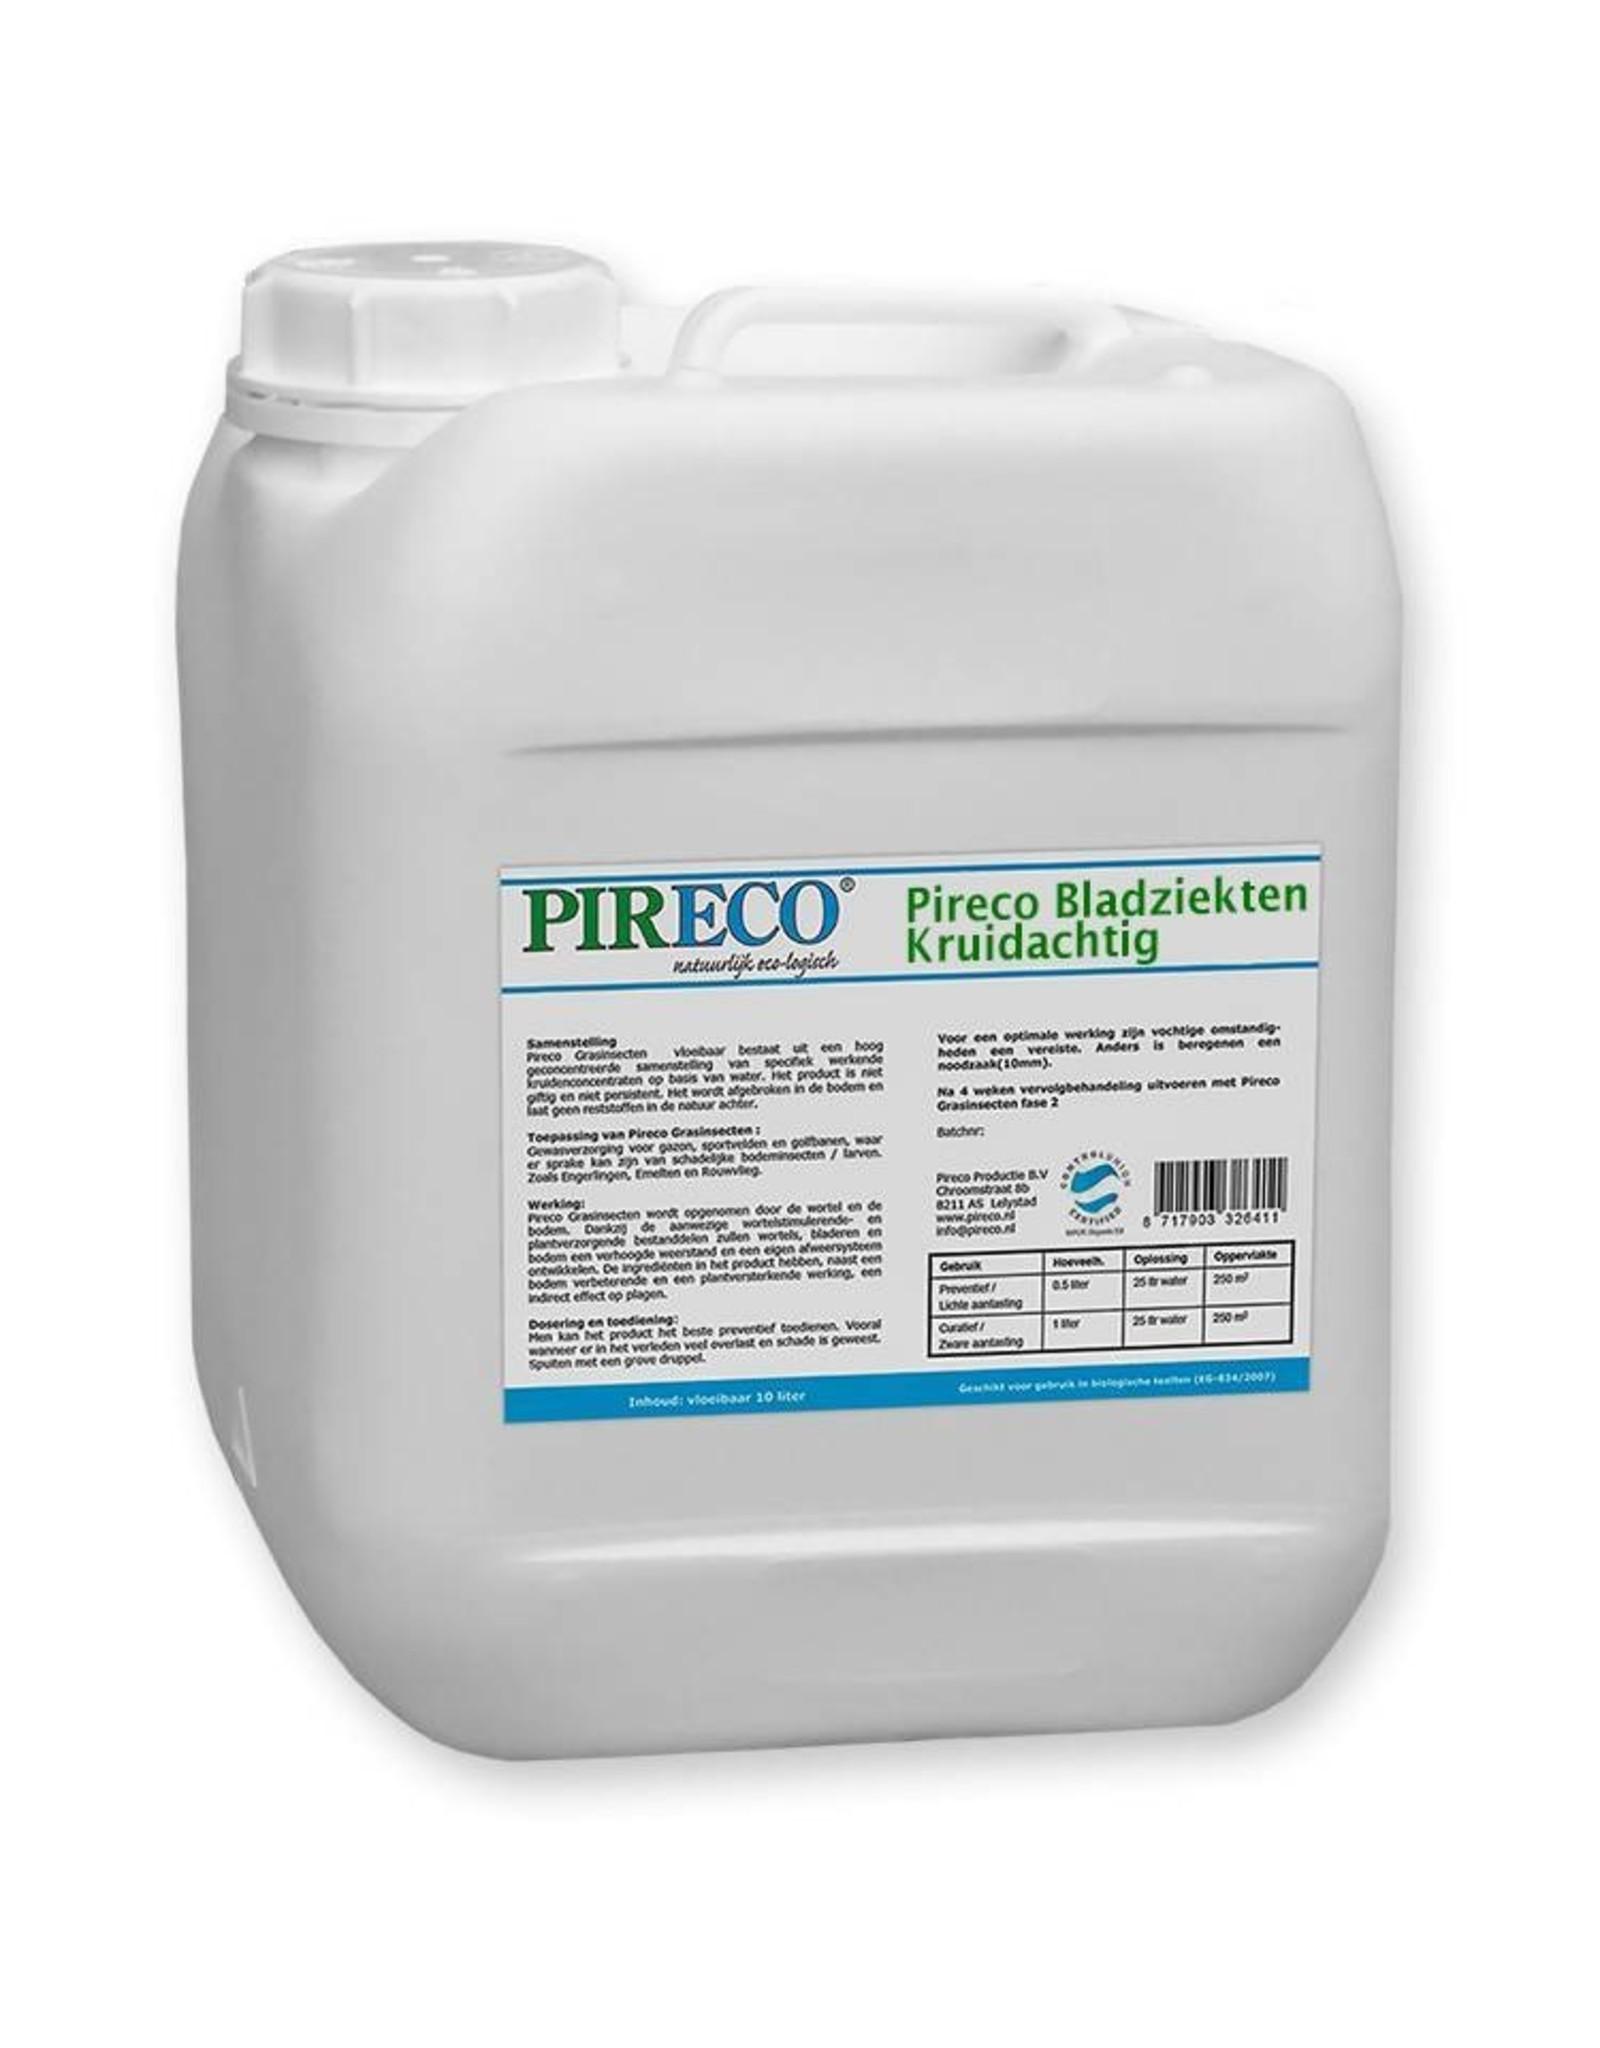 Pireco Herfomyc tegen Bladziekten vloeibaar 5 liter